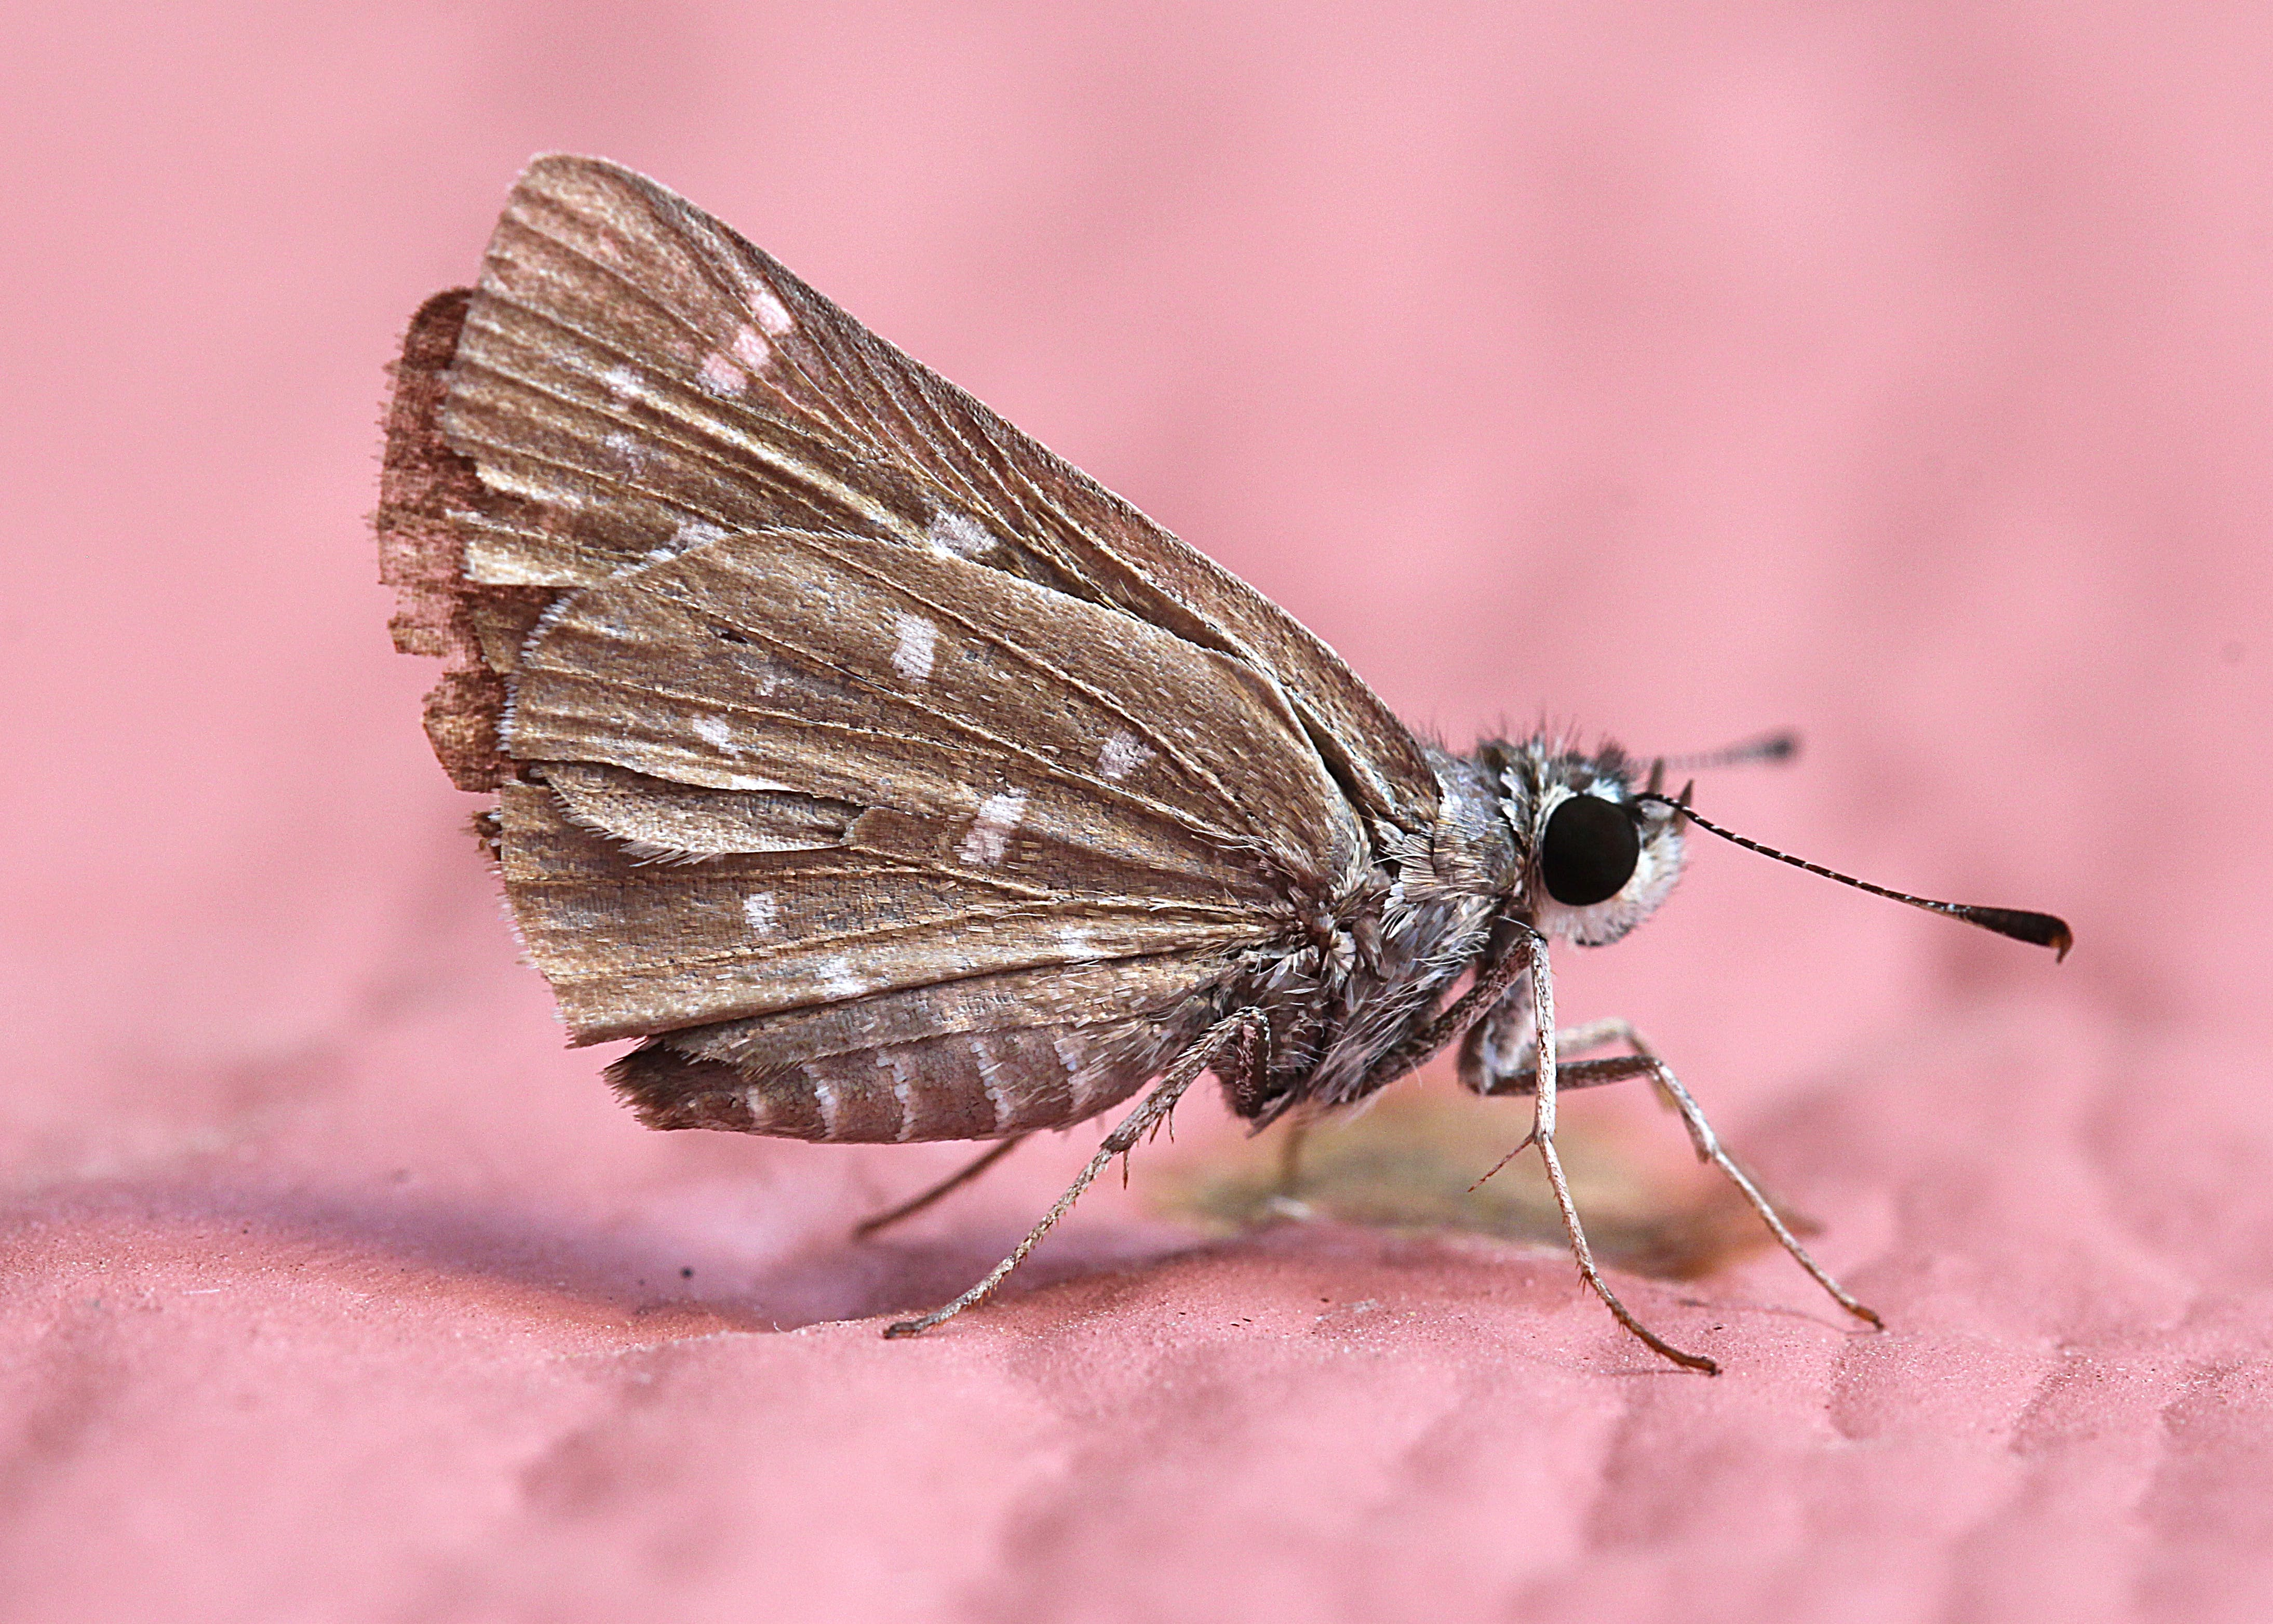 Kostnadsfri bild av fjäril, insekt, liten, närbild